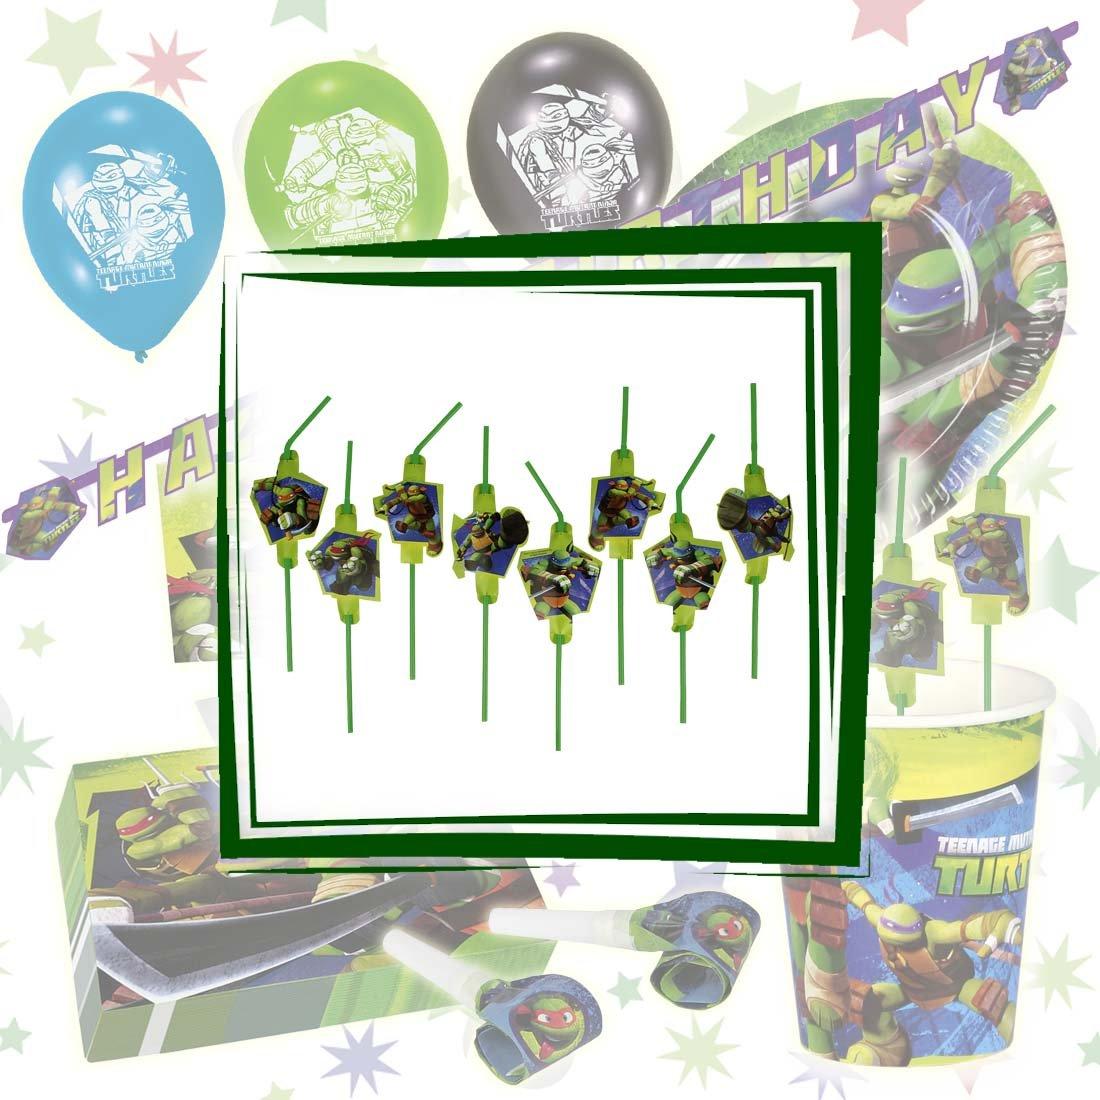 NET TOYS 6 Sacchettini Regalo Tartarughe Ninja Sacchetti con Motivo per Compleanno Bambini Sportine per Festa Bustina Regalo ricordino Adolescenti mutanti Sacco di plastica per Festeggiamenti